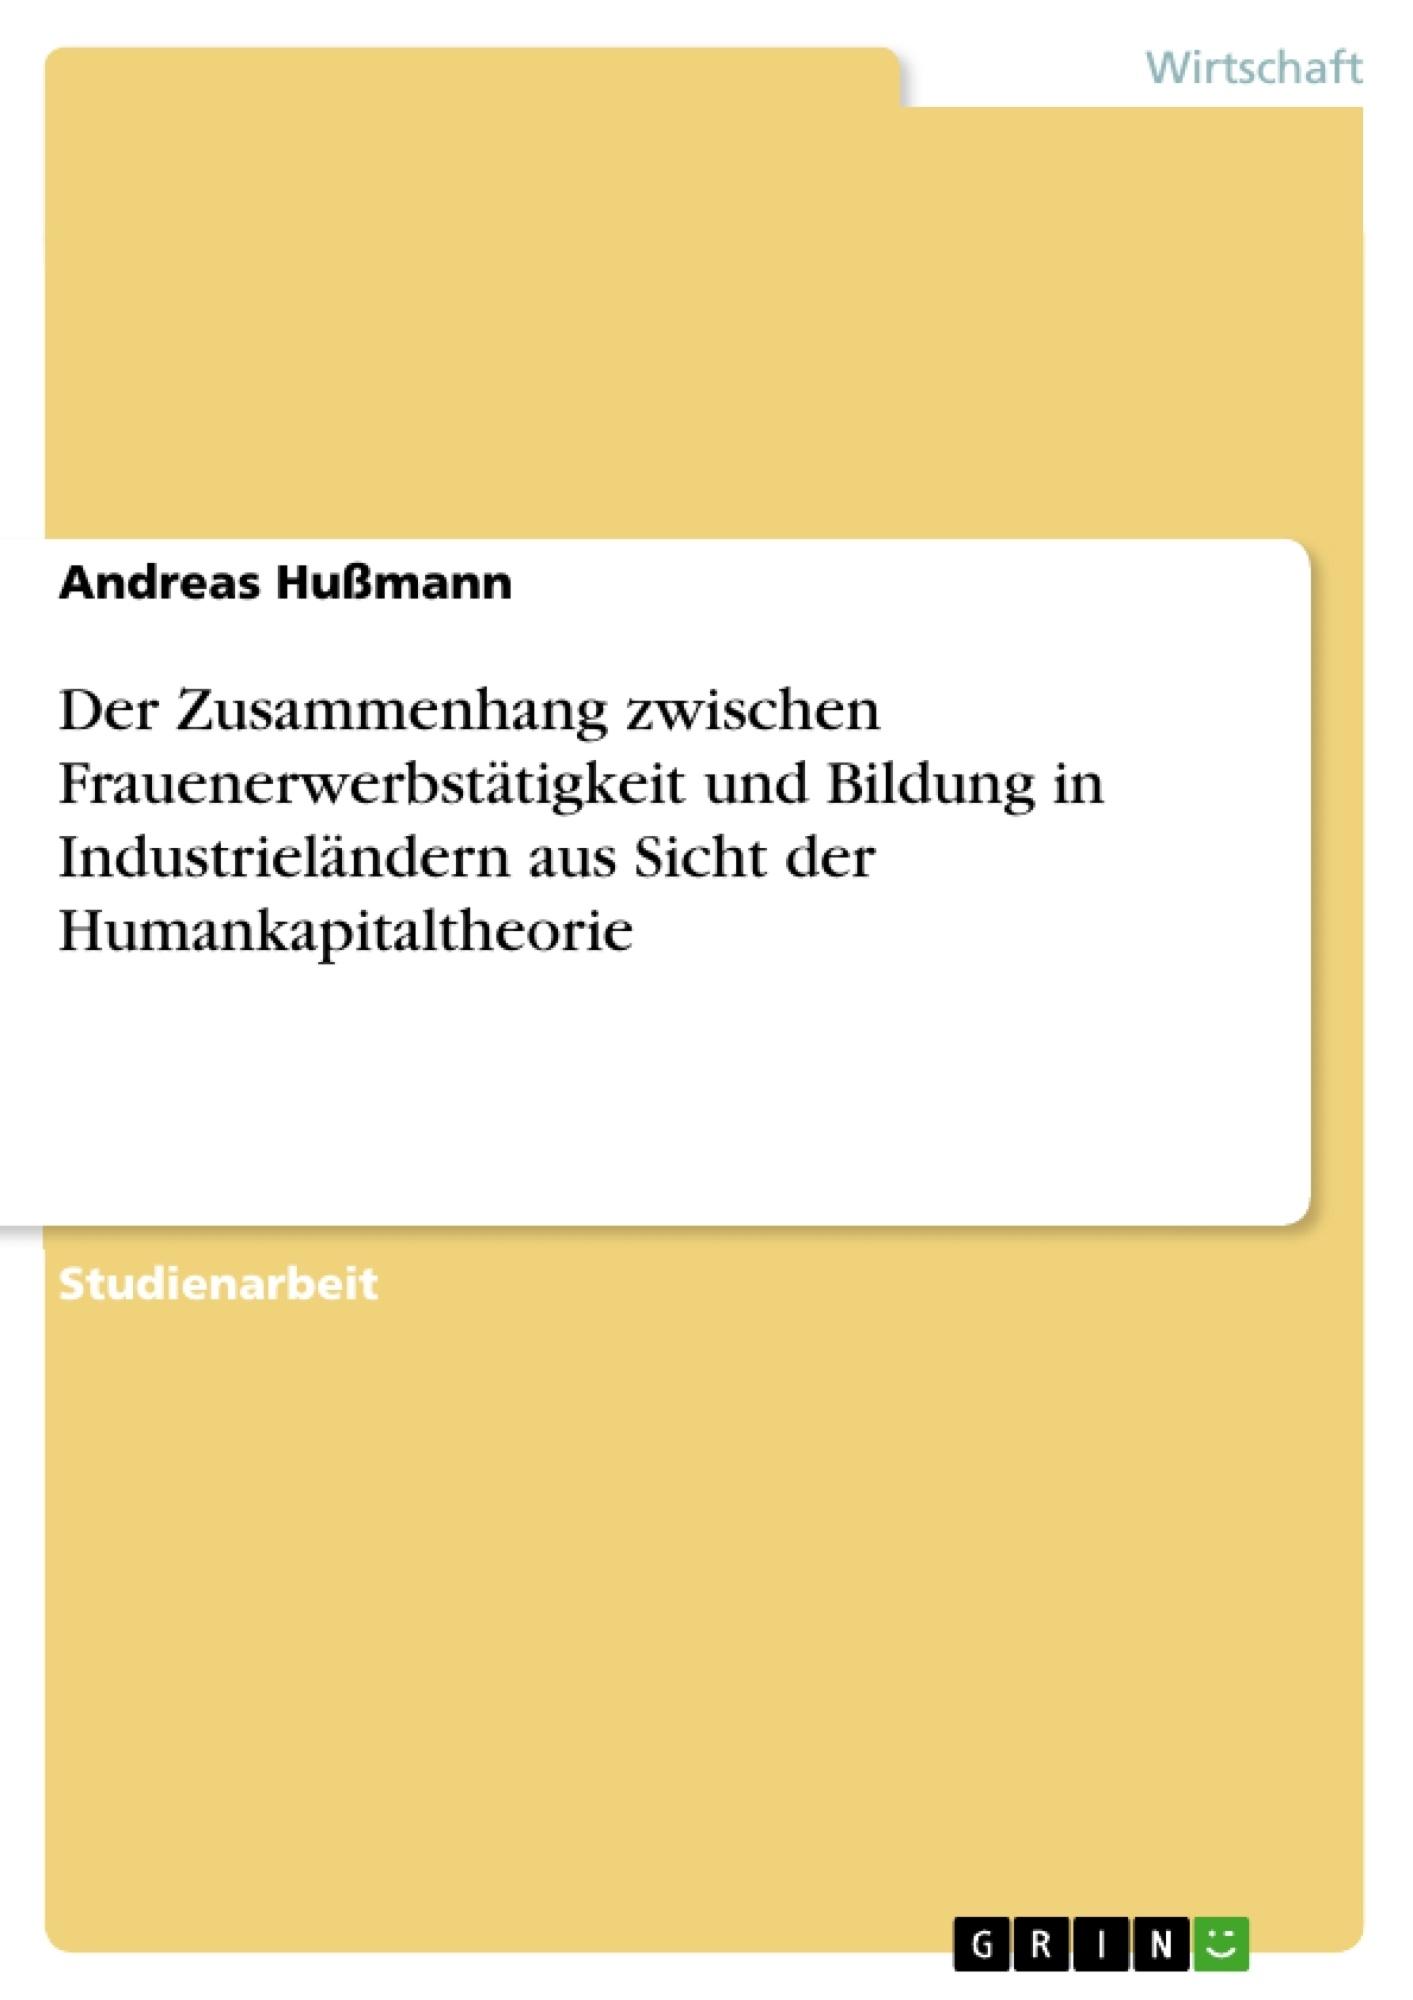 Titel: Der Zusammenhang zwischen Frauenerwerbstätigkeit und Bildung in Industrieländern aus Sicht der Humankapitaltheorie